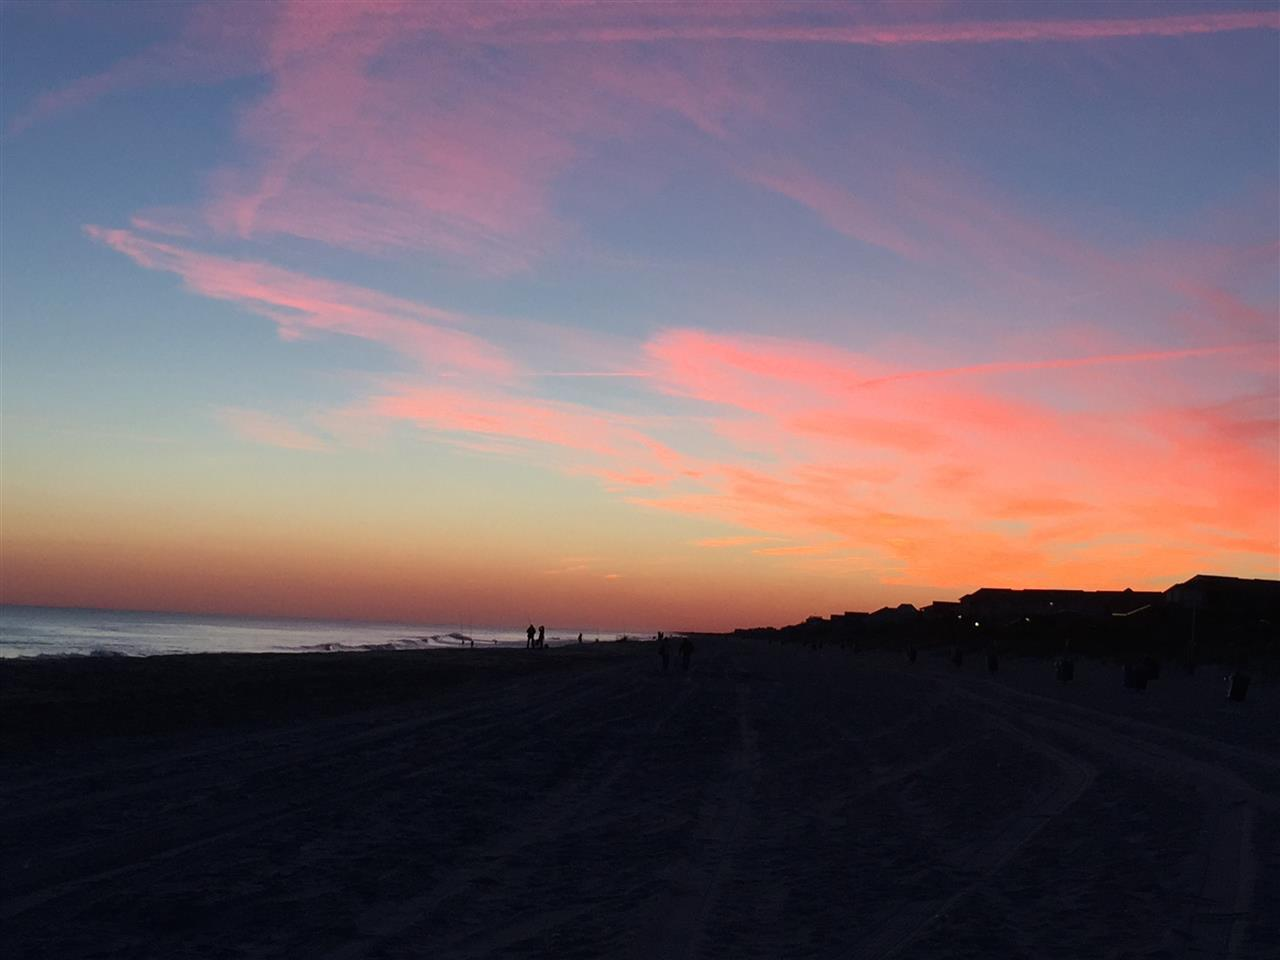 Sunset in November, Emerald Isle, NC